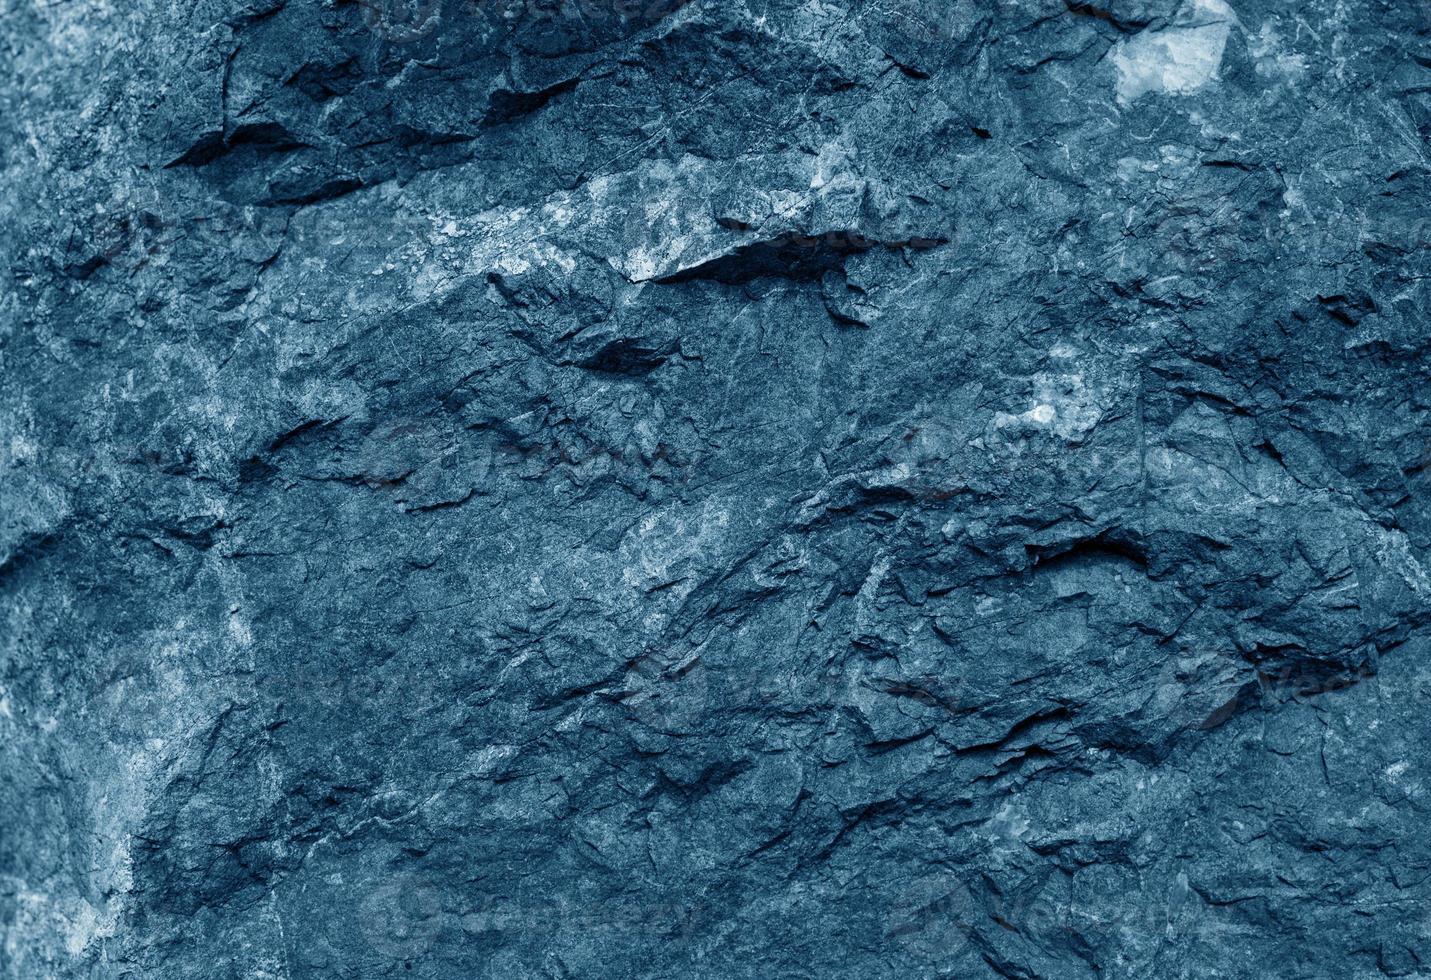 fond de texture de ciment bleu foncé photo